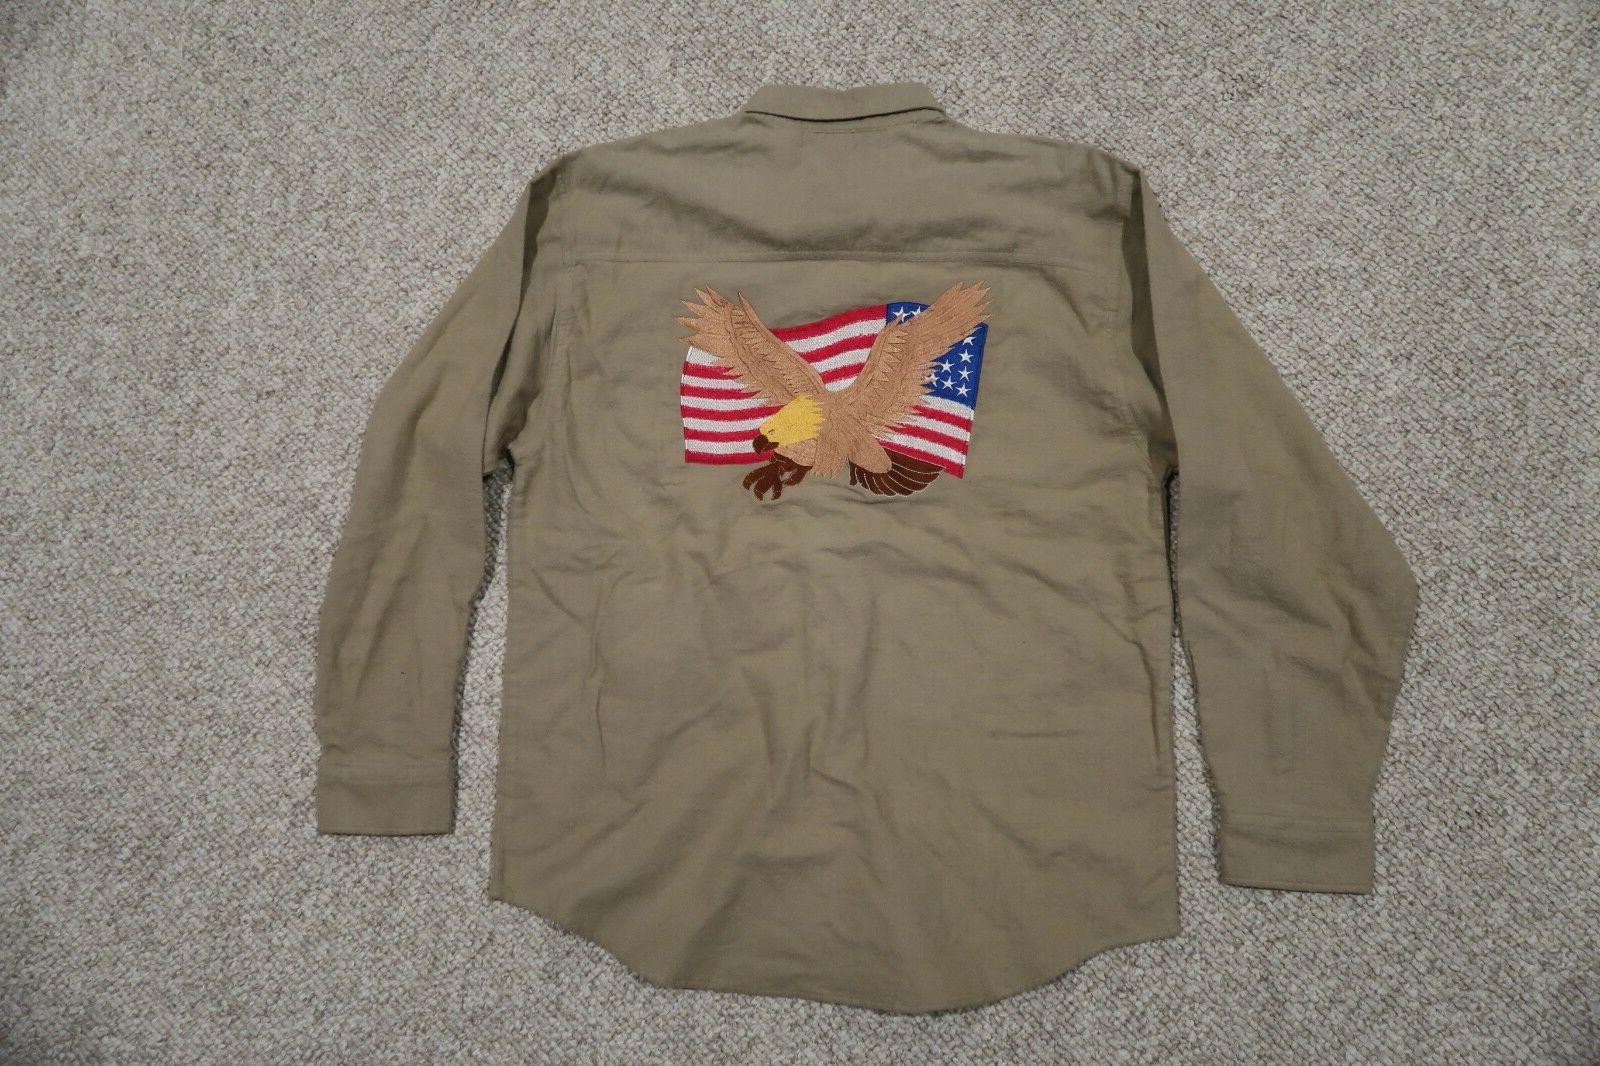 TRI-MOUNTAIN USA FLAG & EAGLE TAN